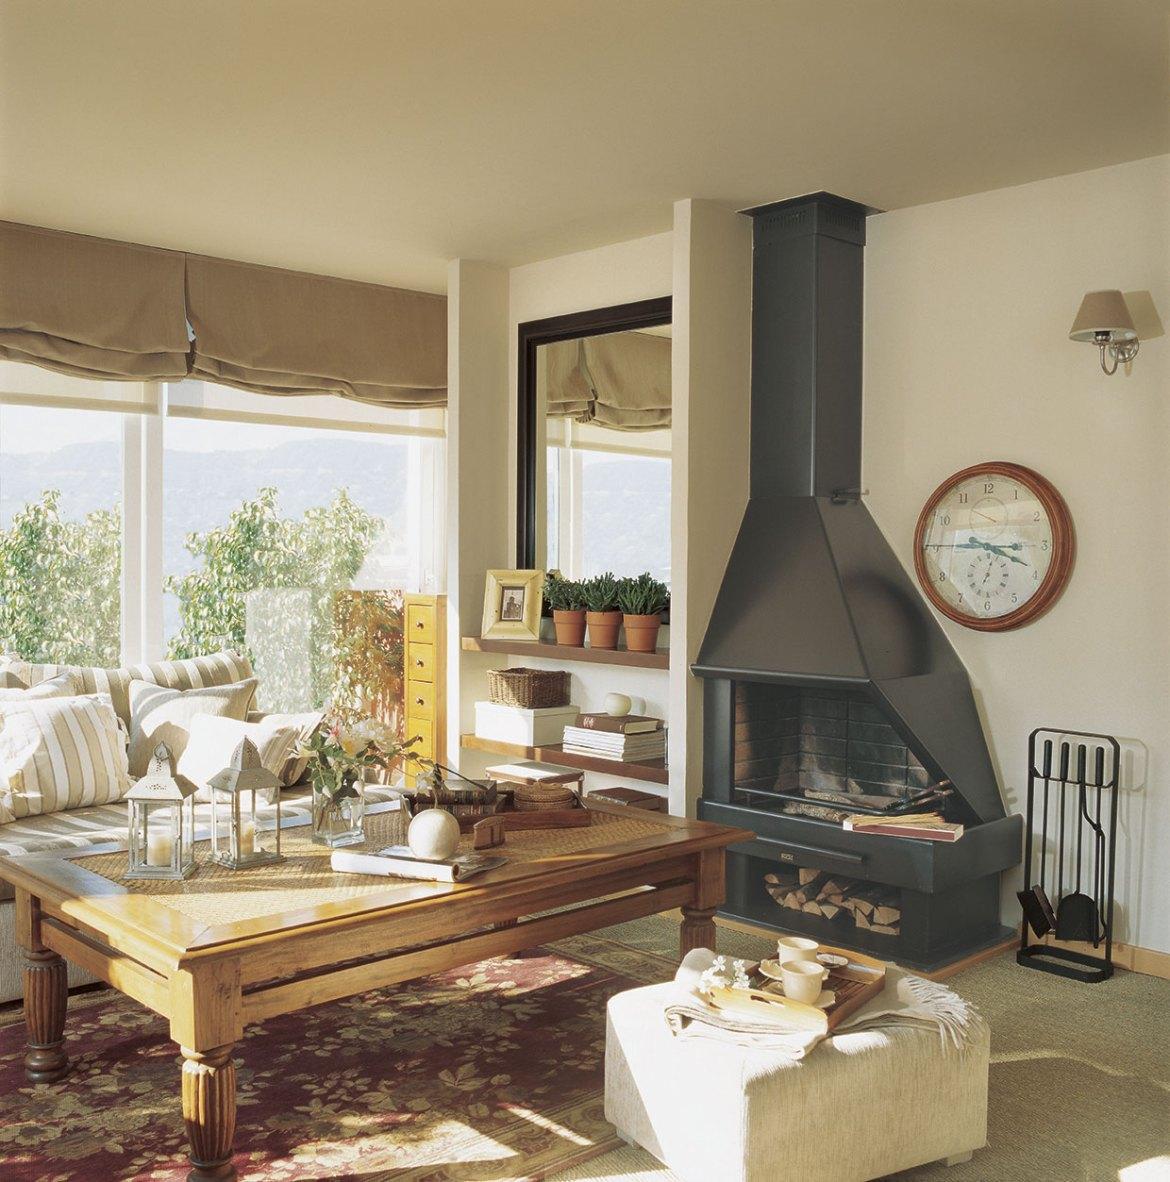 00163358. Salón con chimenea negra y una gran mesa de centro de madera_00163358